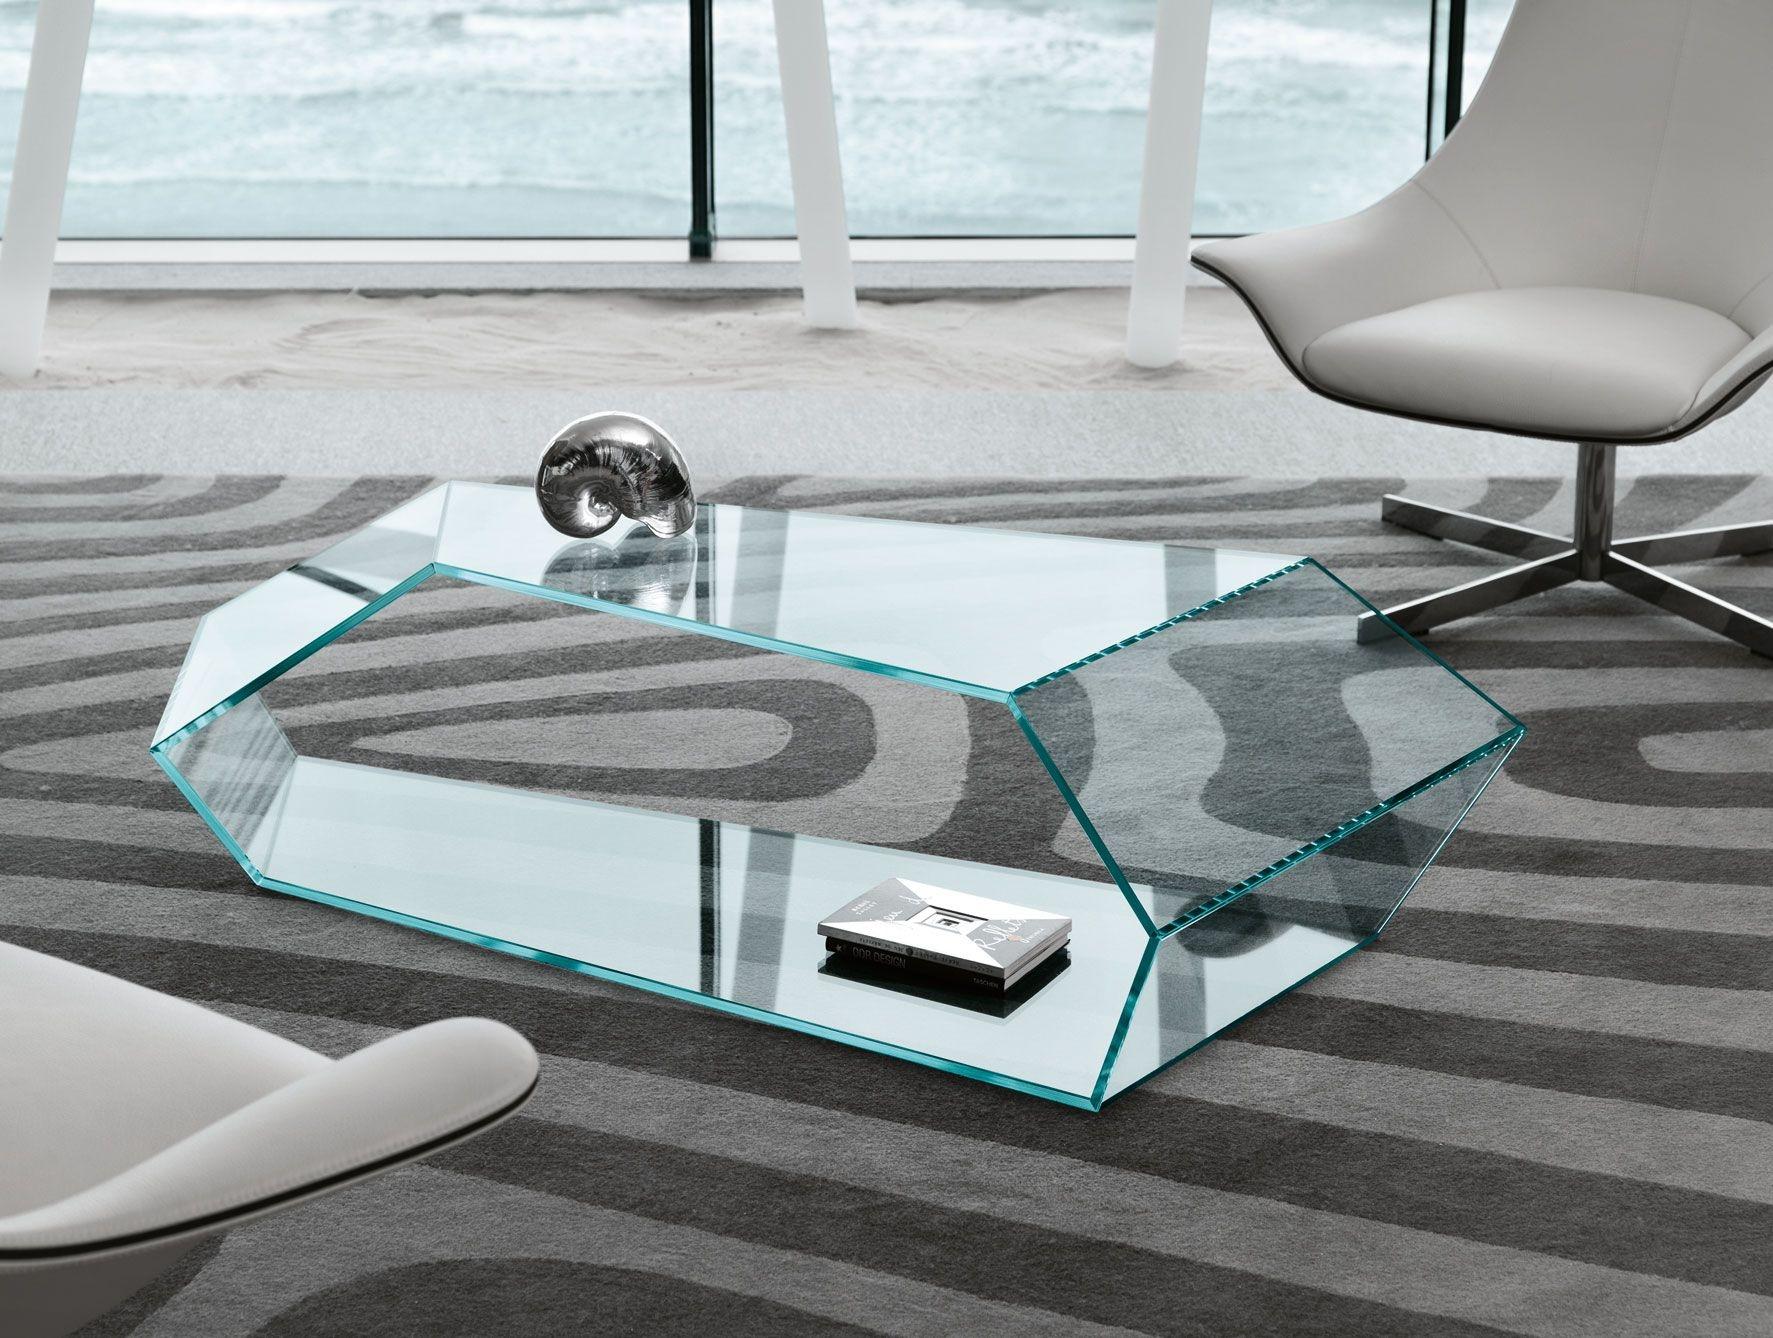 luxury coffee tables luxury coffee tables Luxury Coffee Tables by Nella Vetrina tonelli modern contemporary designer glass furniture nella vetrina